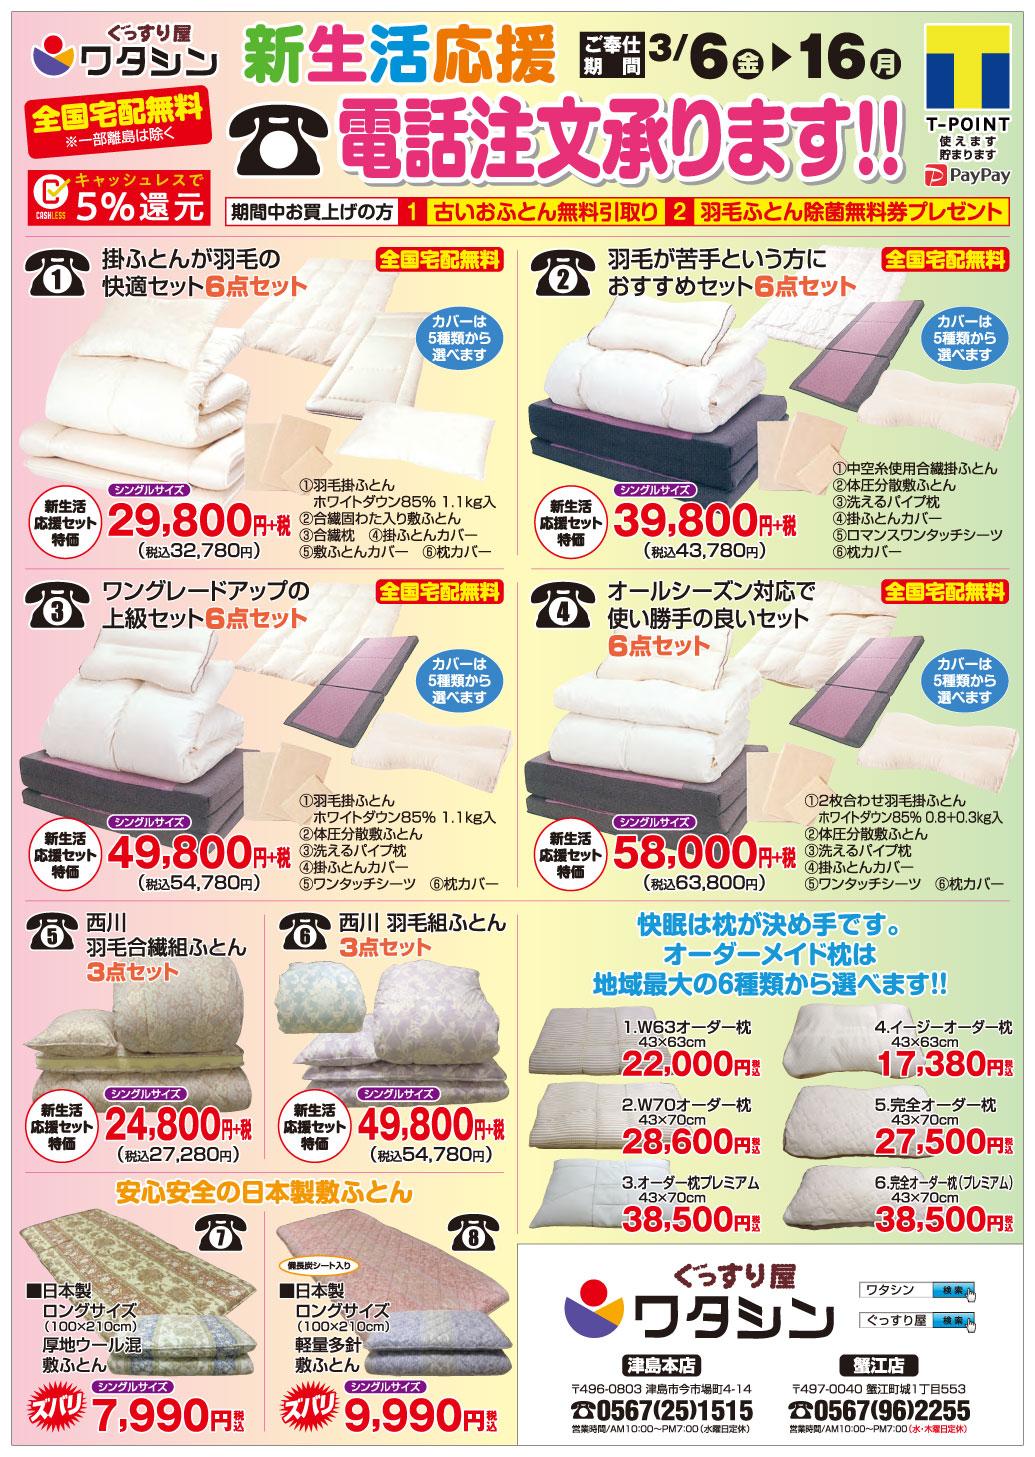 ワタシンぐっすり屋津島本店 新生活応援フェア1 電話注文承ります。